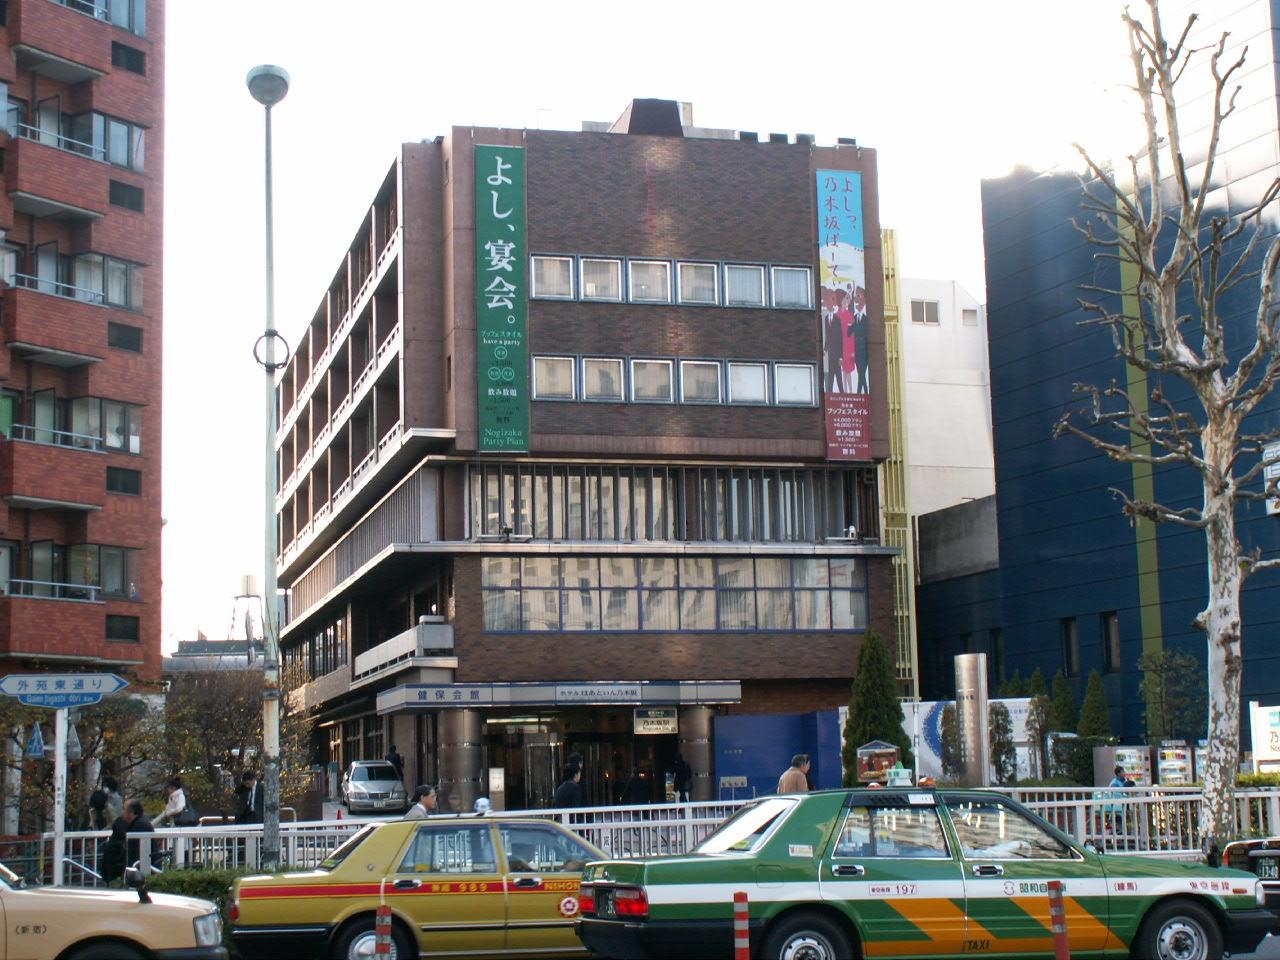 ホテル はあといん乃木坂(2007)